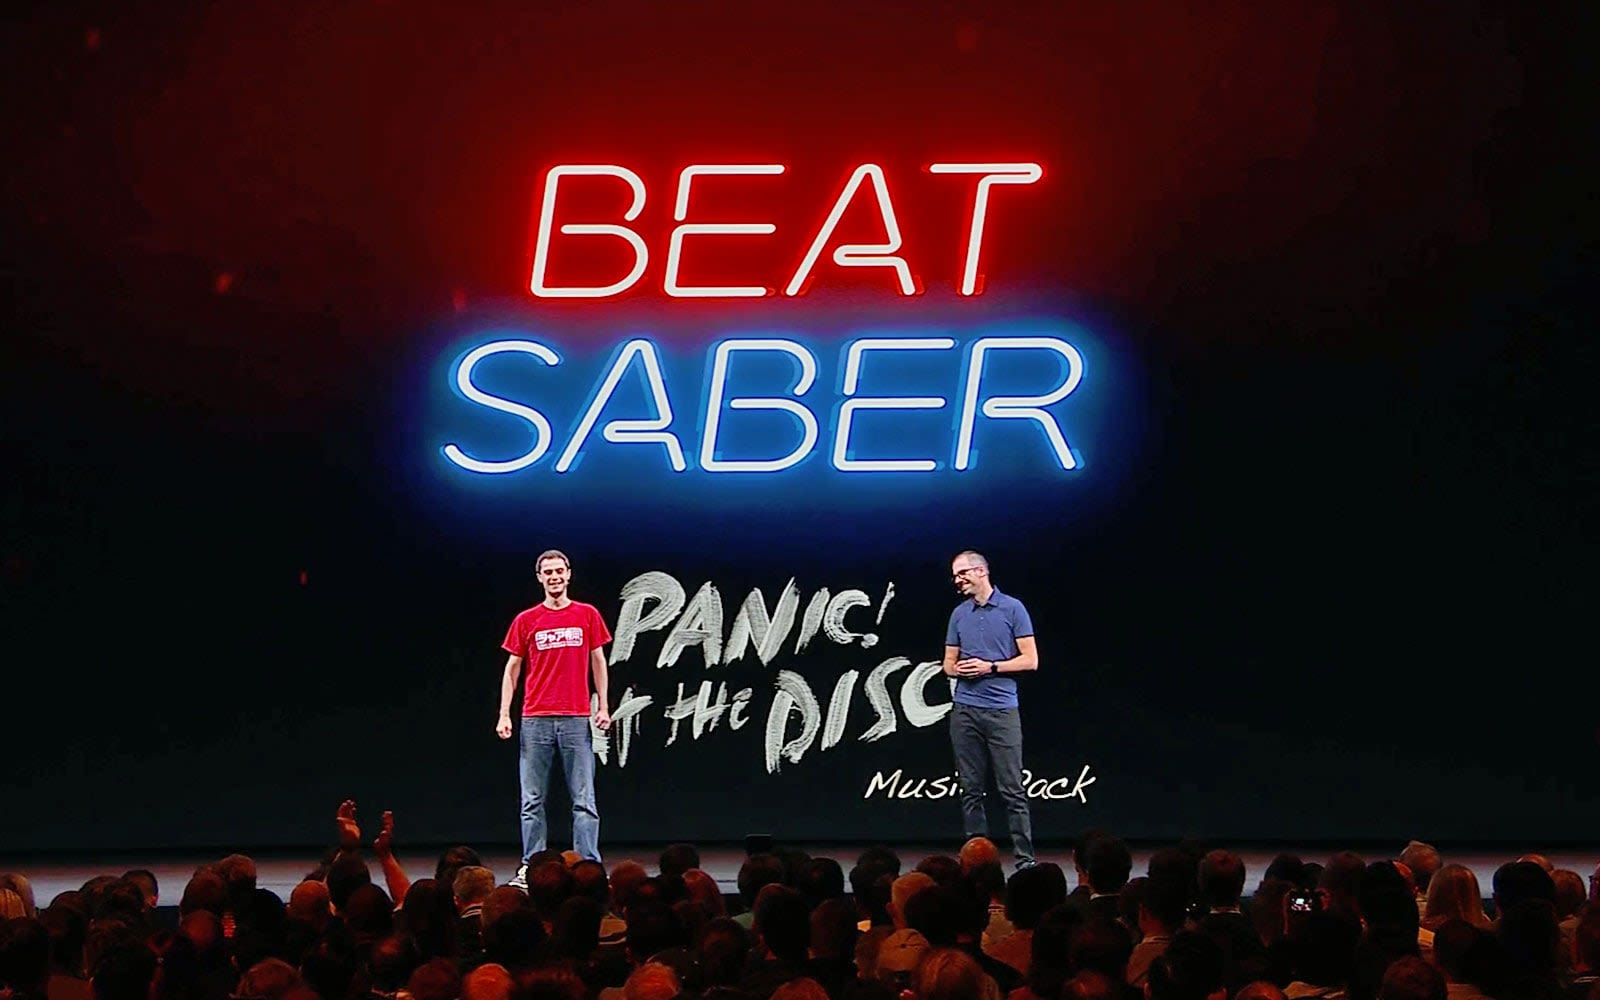 Beat Saber's 360-degree mode arrives in December